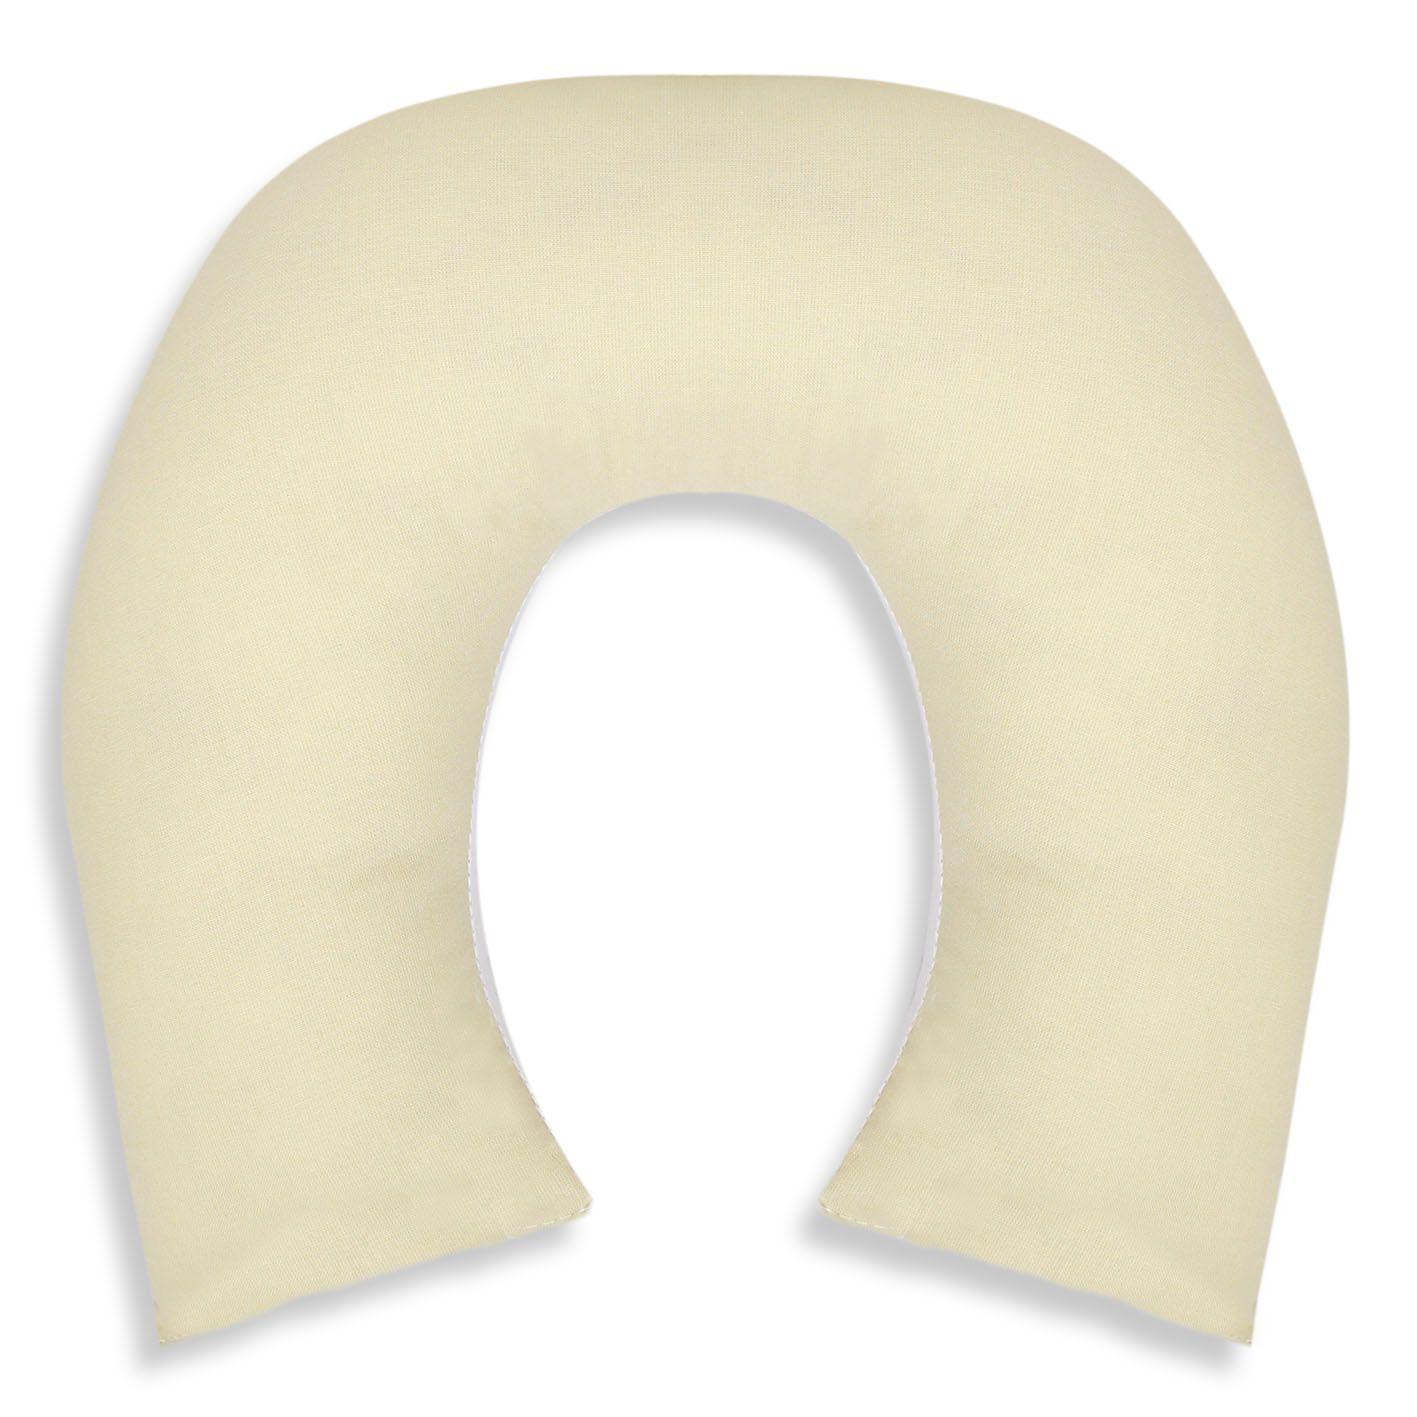 Protetor de Pescoço - Caqui c/ Branco